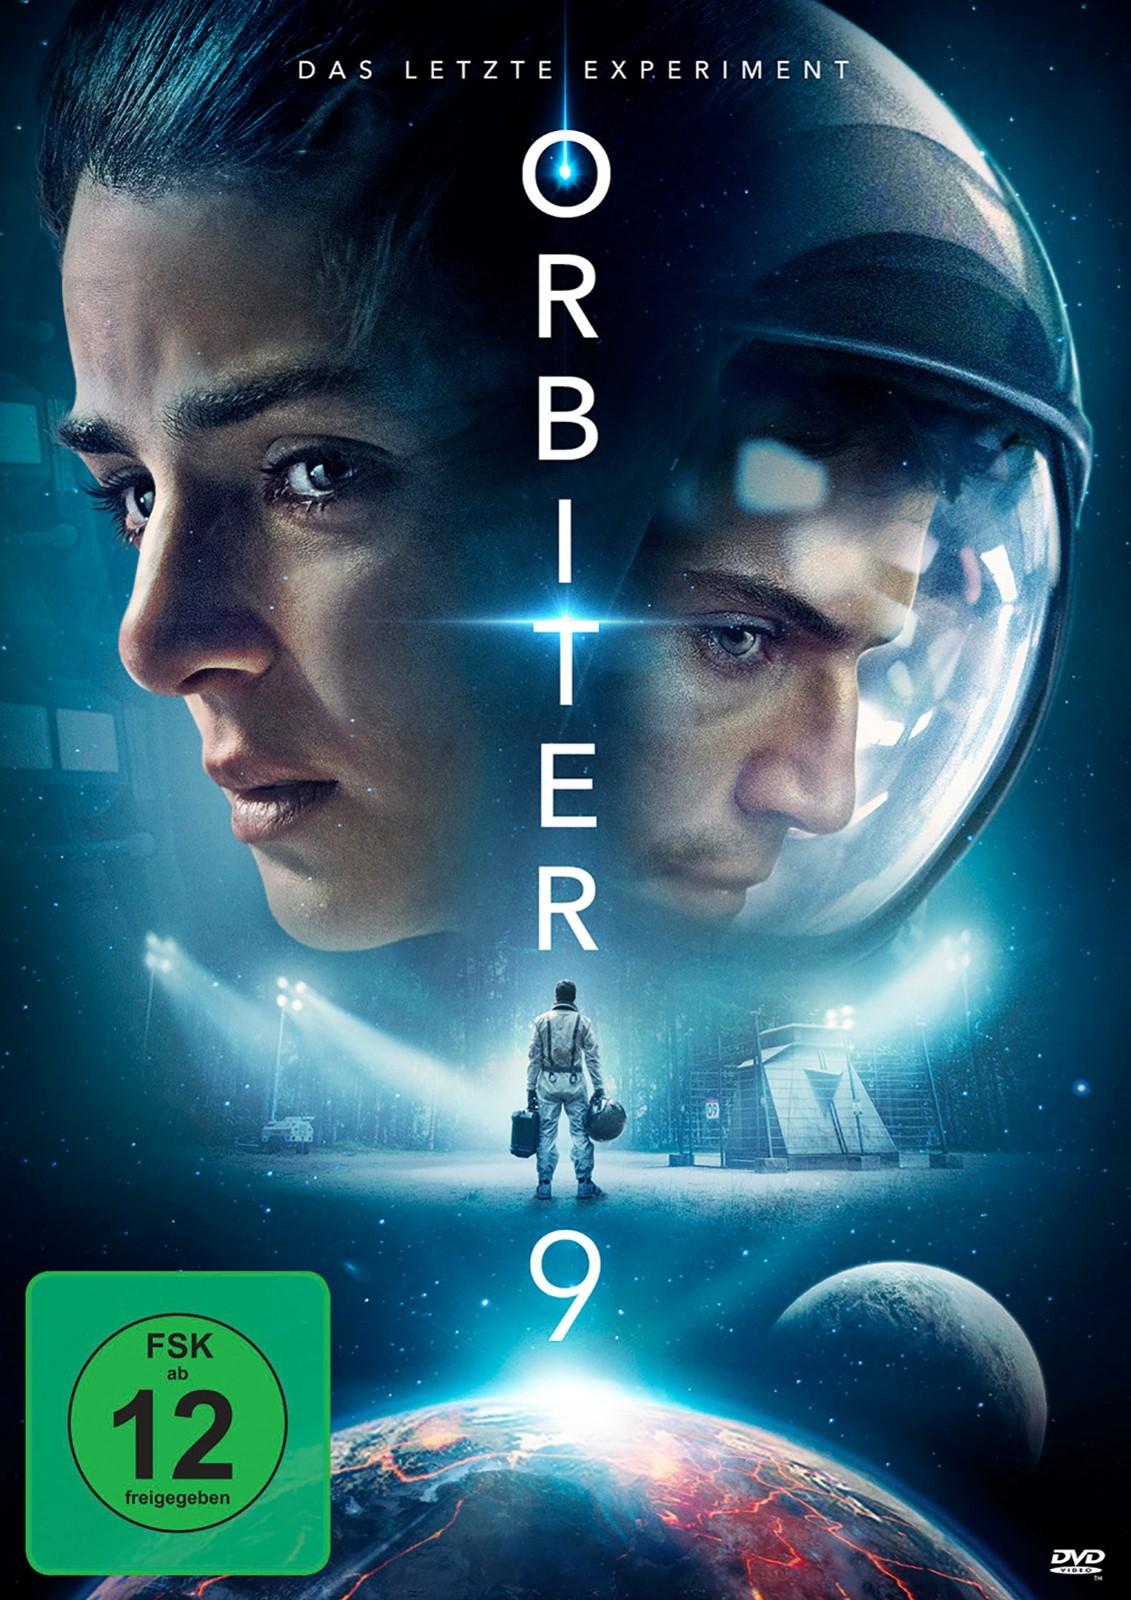 orbiter 9 das letzte experiment